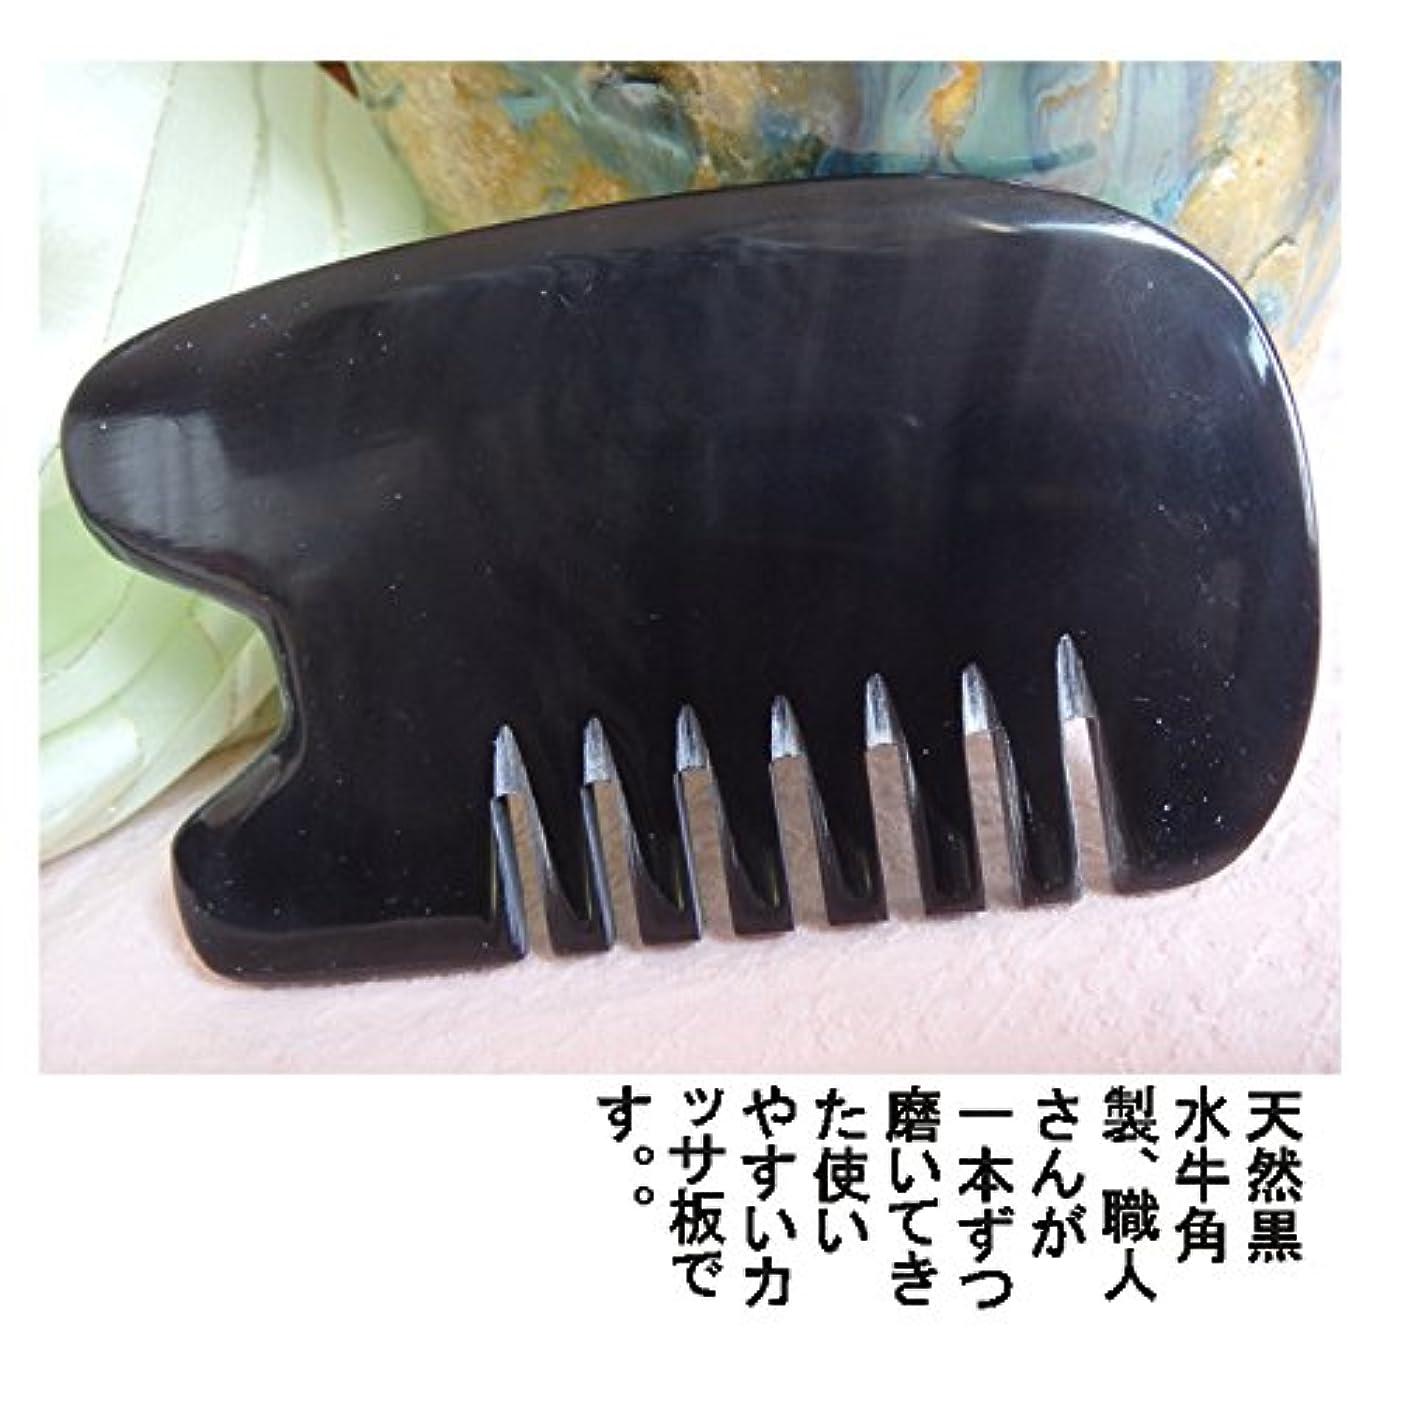 一番号プランテーションかっさ板、美容、刮莎板、グアシャ板,水牛角製